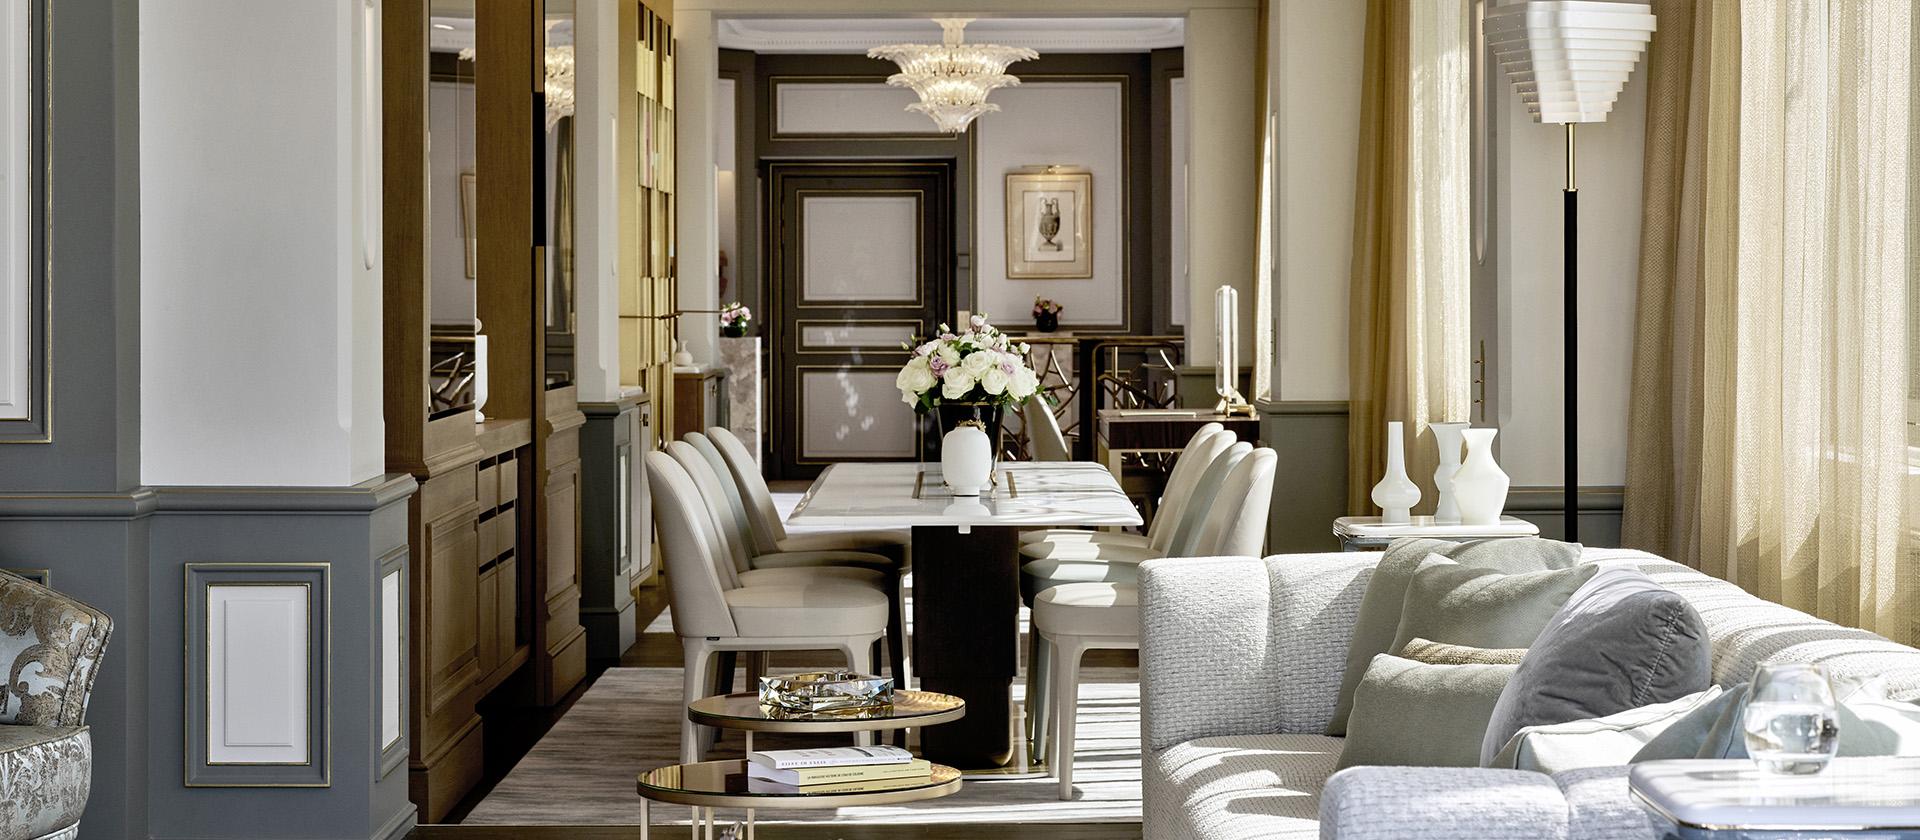 LE MEURICE Paris Belle Etoile Pethouse Suite